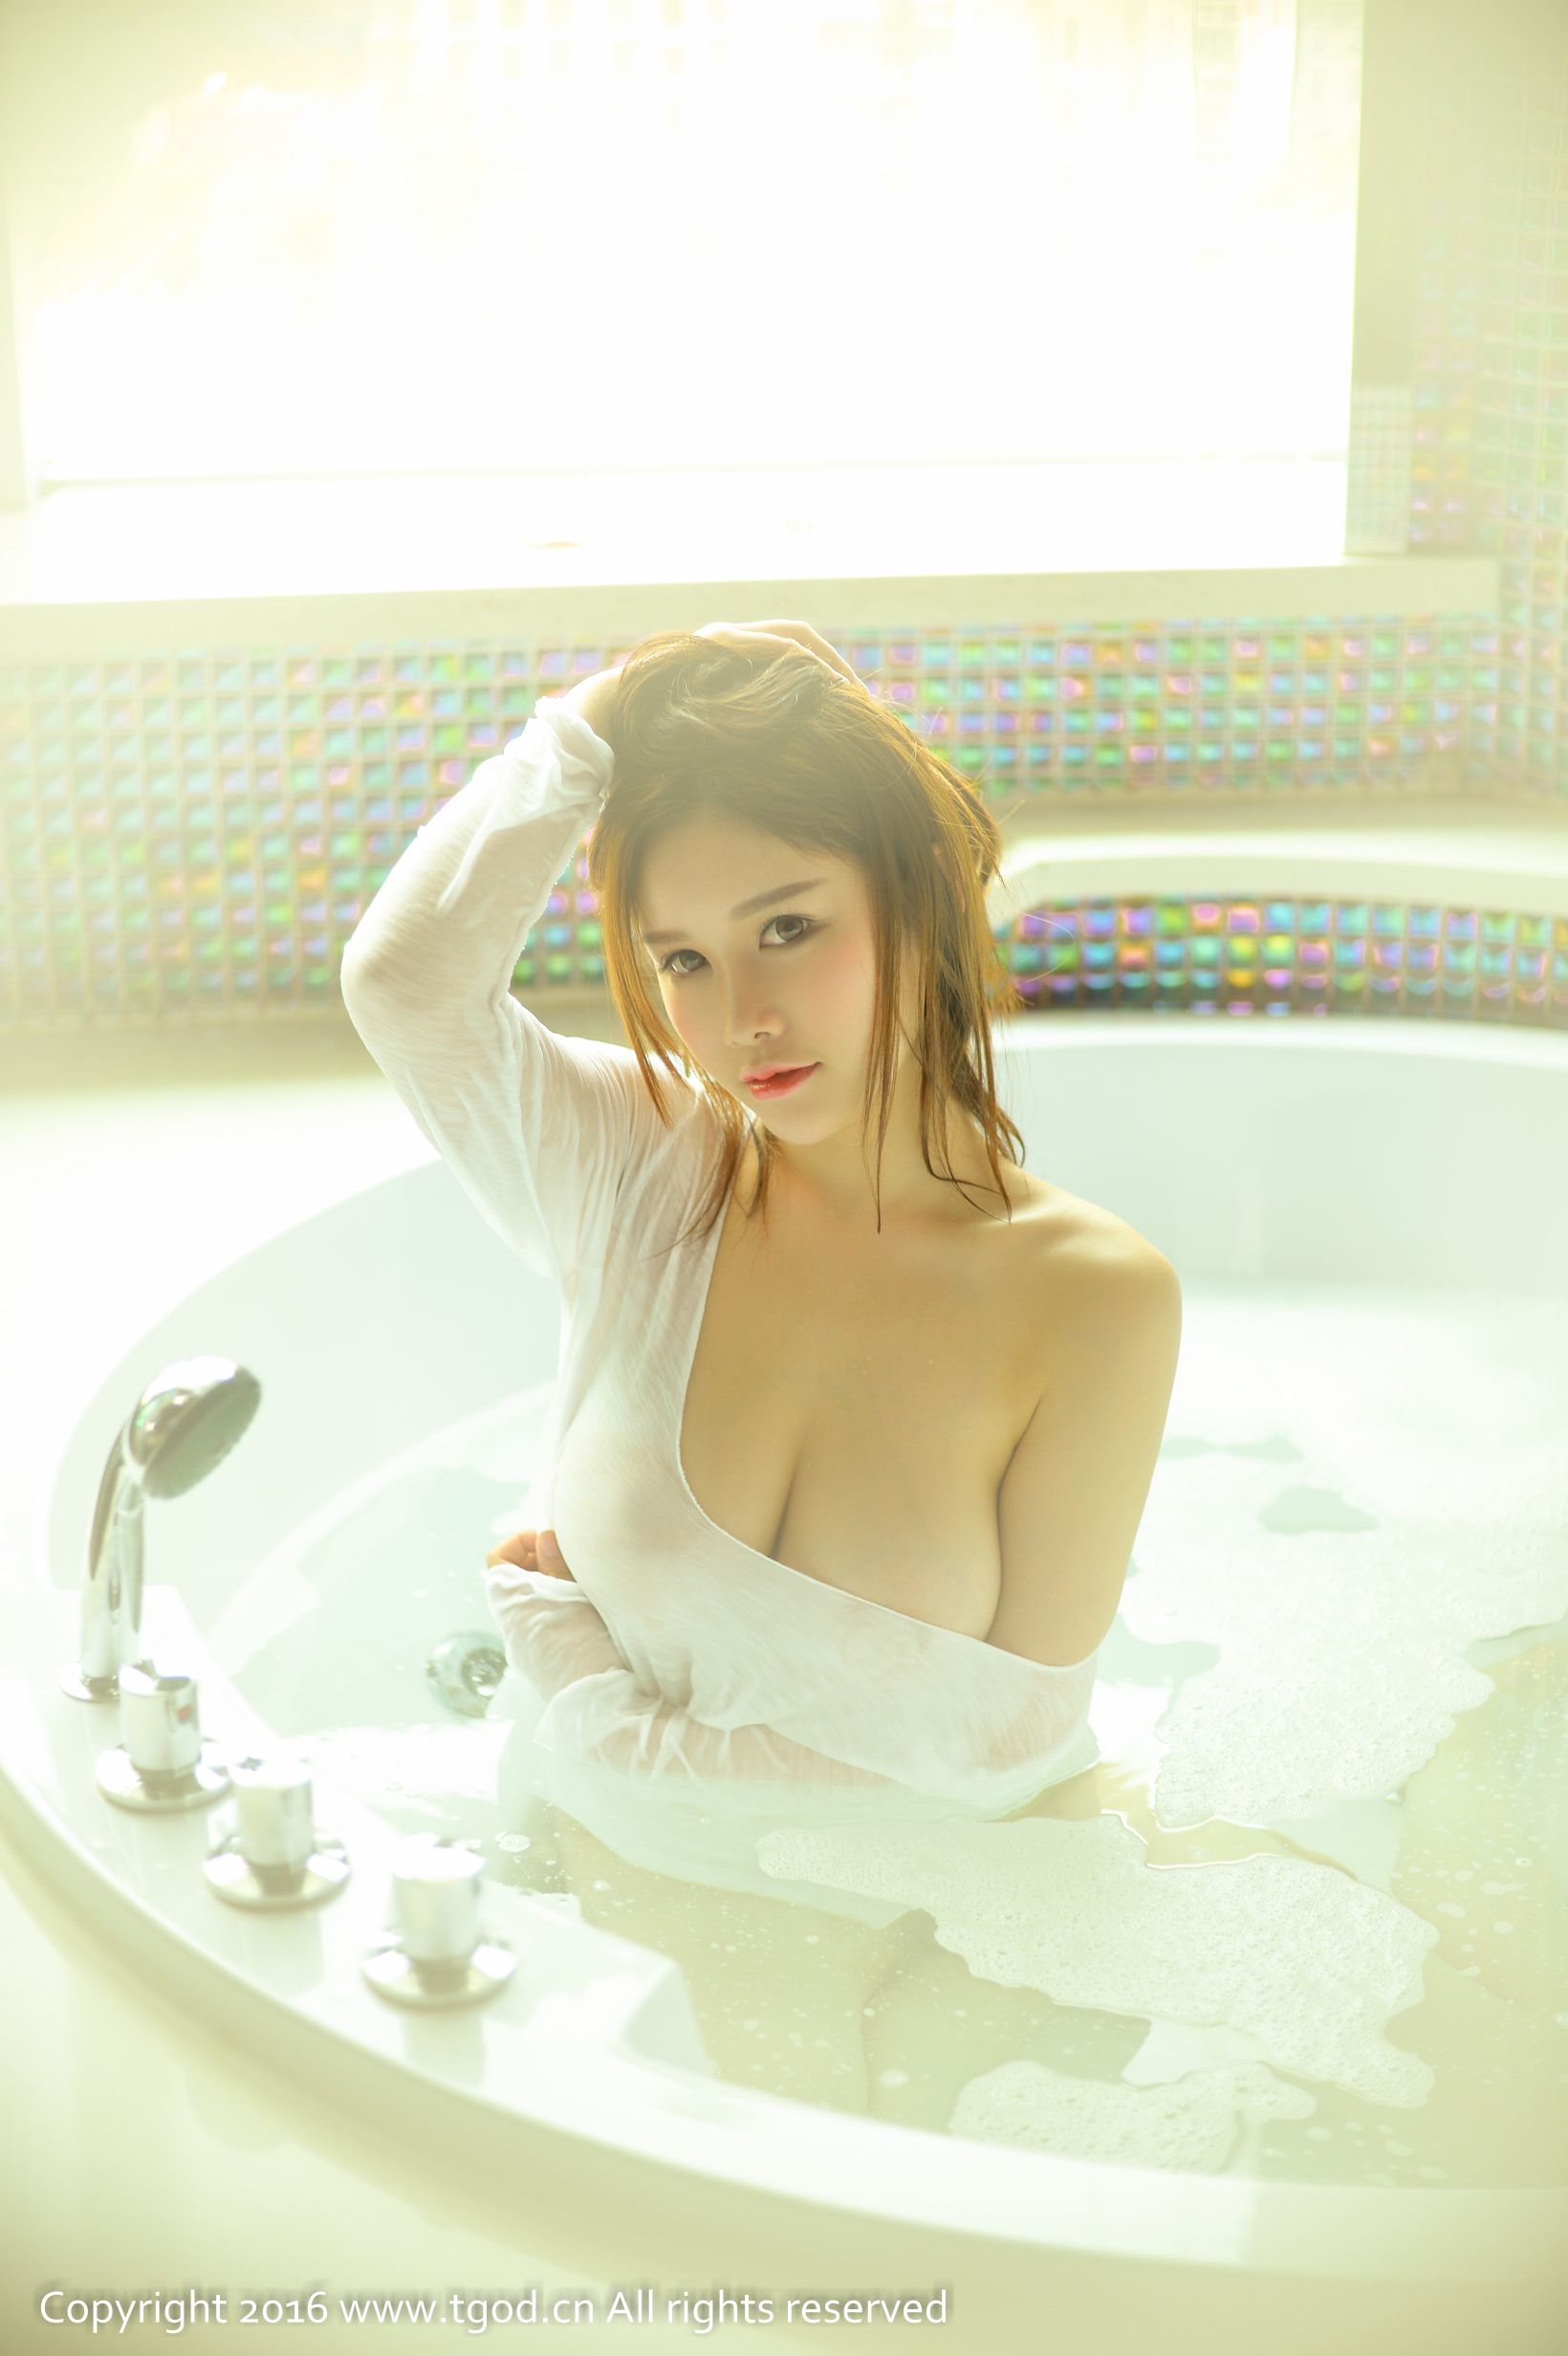 [推女神] 于姬 人气美女拍摄解禁冲击波 高清写真套图